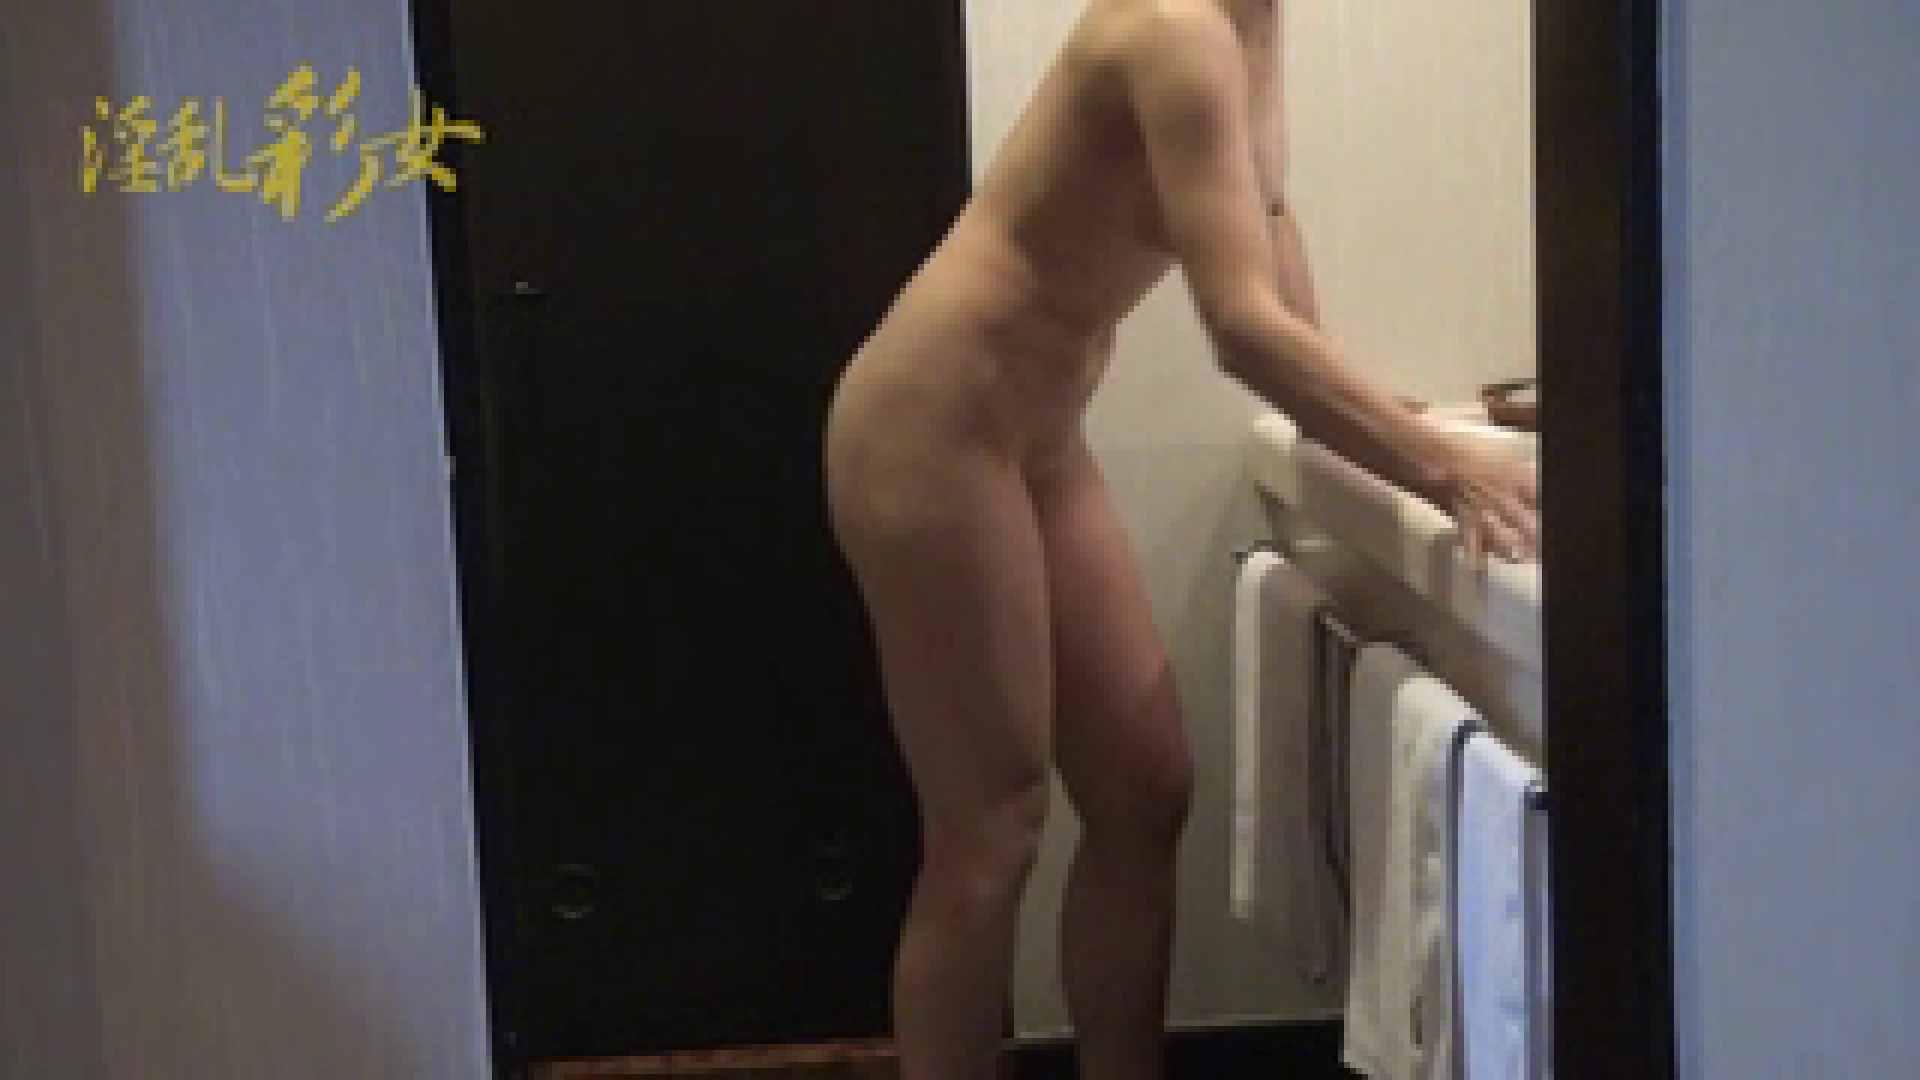 淫乱彩女麻優里 30歳デカマラ単独君 ハイビジョン ホテル潜入   SEX  103pic 11